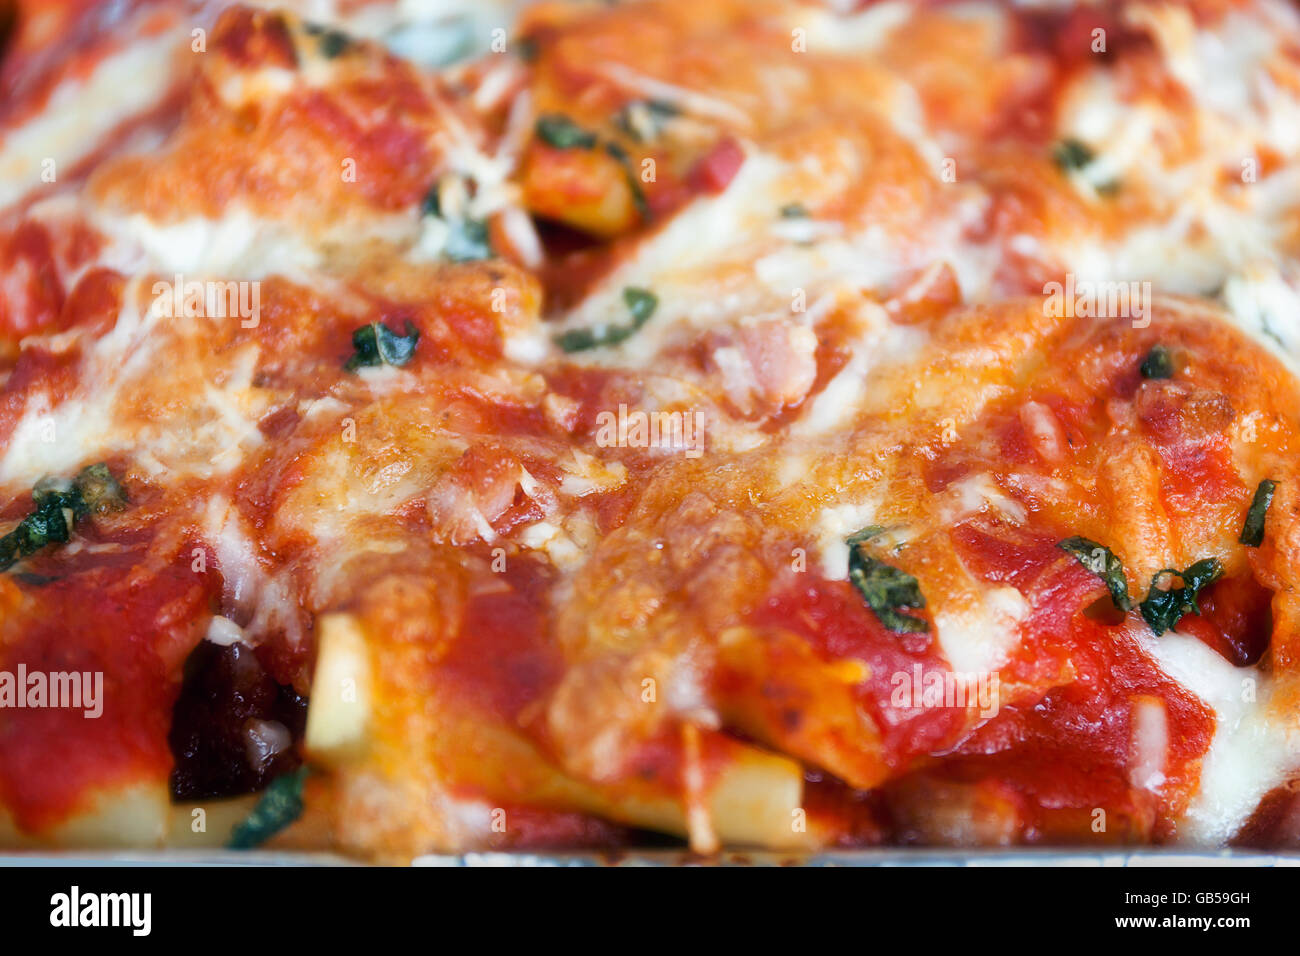 Überbacken mit Tomatensauce, Mozzarella, Speck und Basilikum. Italienische kulinarische Spezialitäten. Stockbild